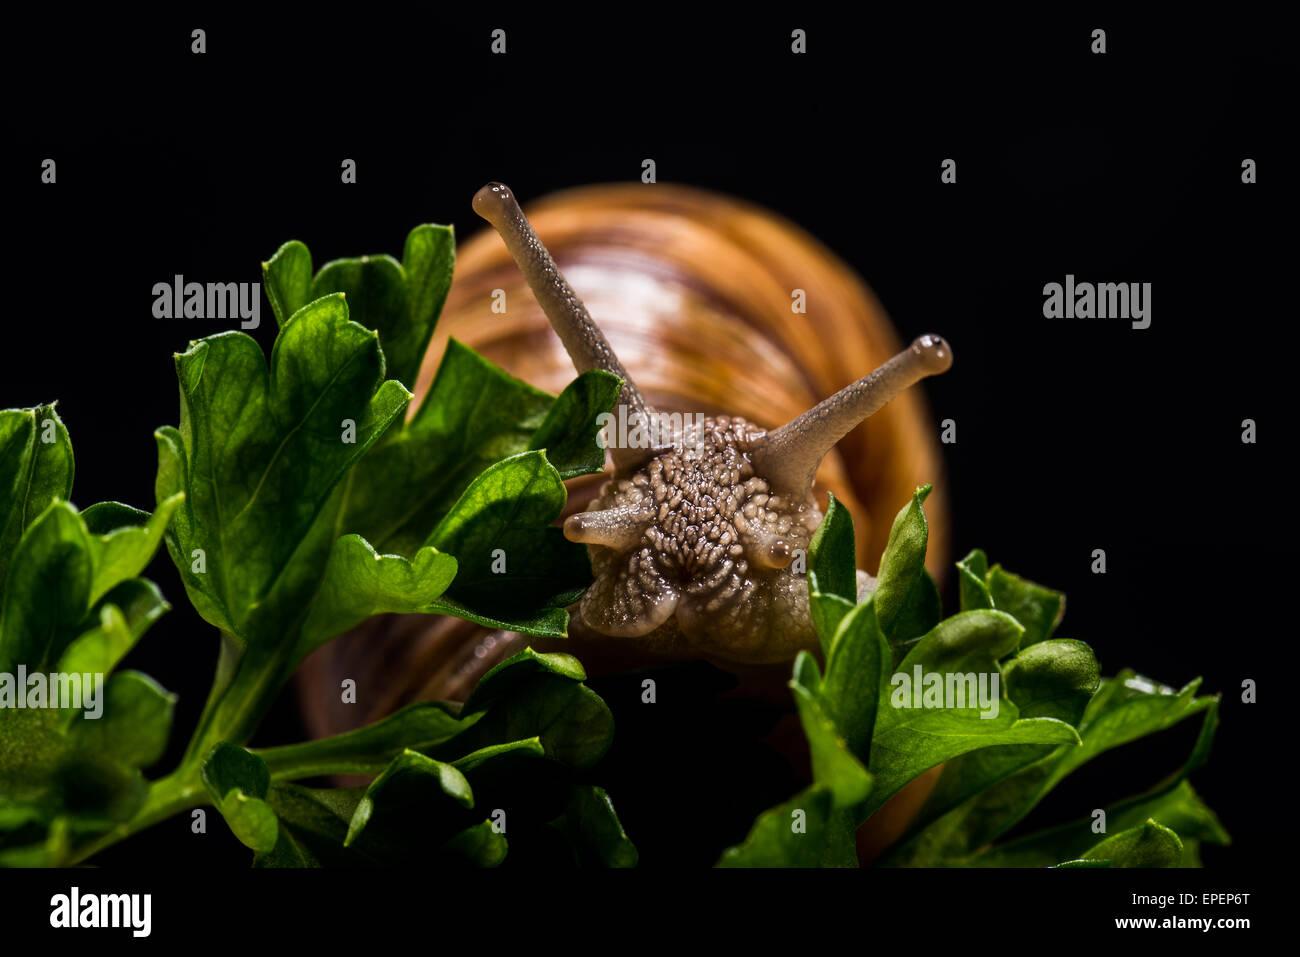 Schnecke Weinberg im Studio, Porträt tierischen Schädling frisst Gemüse, Sehnsucht Augen Teleskop Stockbild